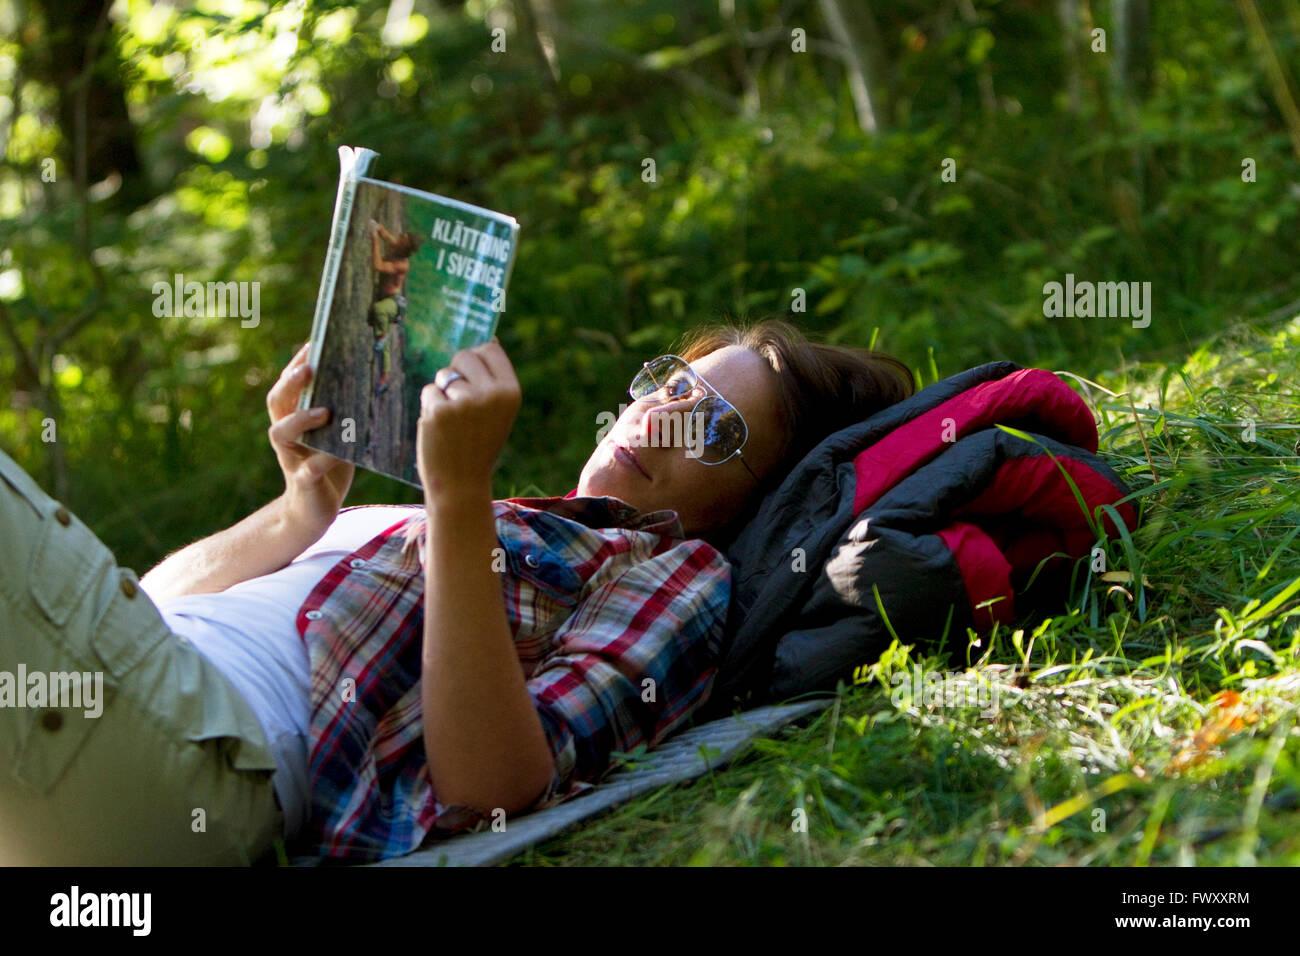 Sweden, Ostergotland, Agelsjon, Female hiker lying on grass and reading guidebook - Stock Image